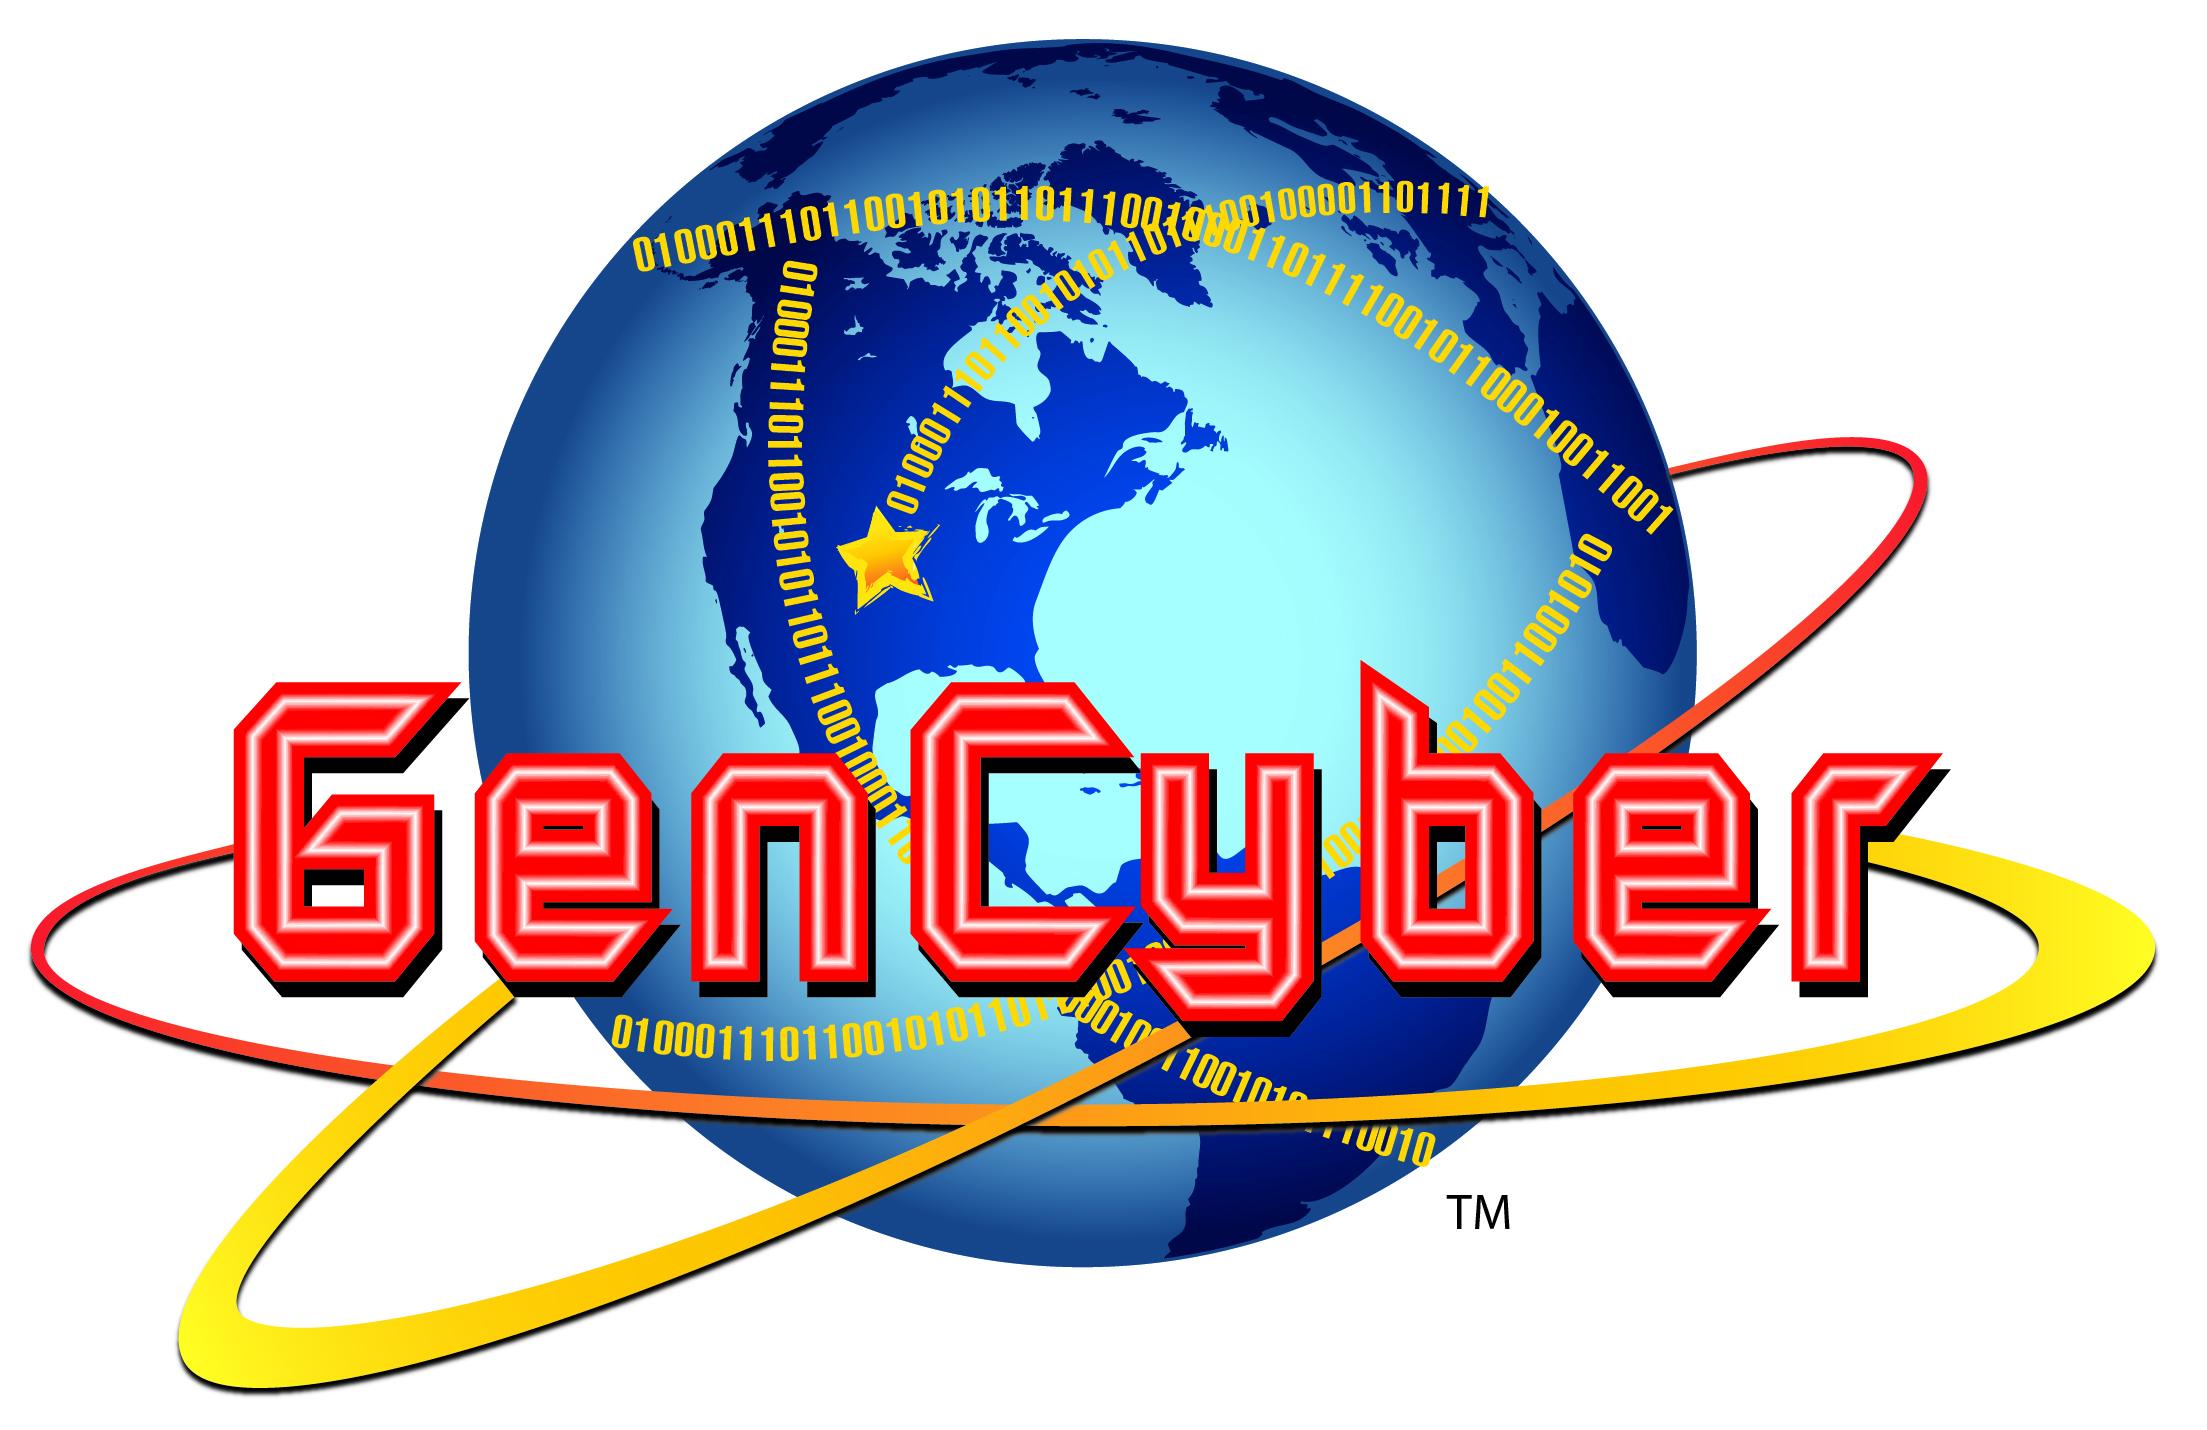 71686 Gen Cyber logo_FINAL